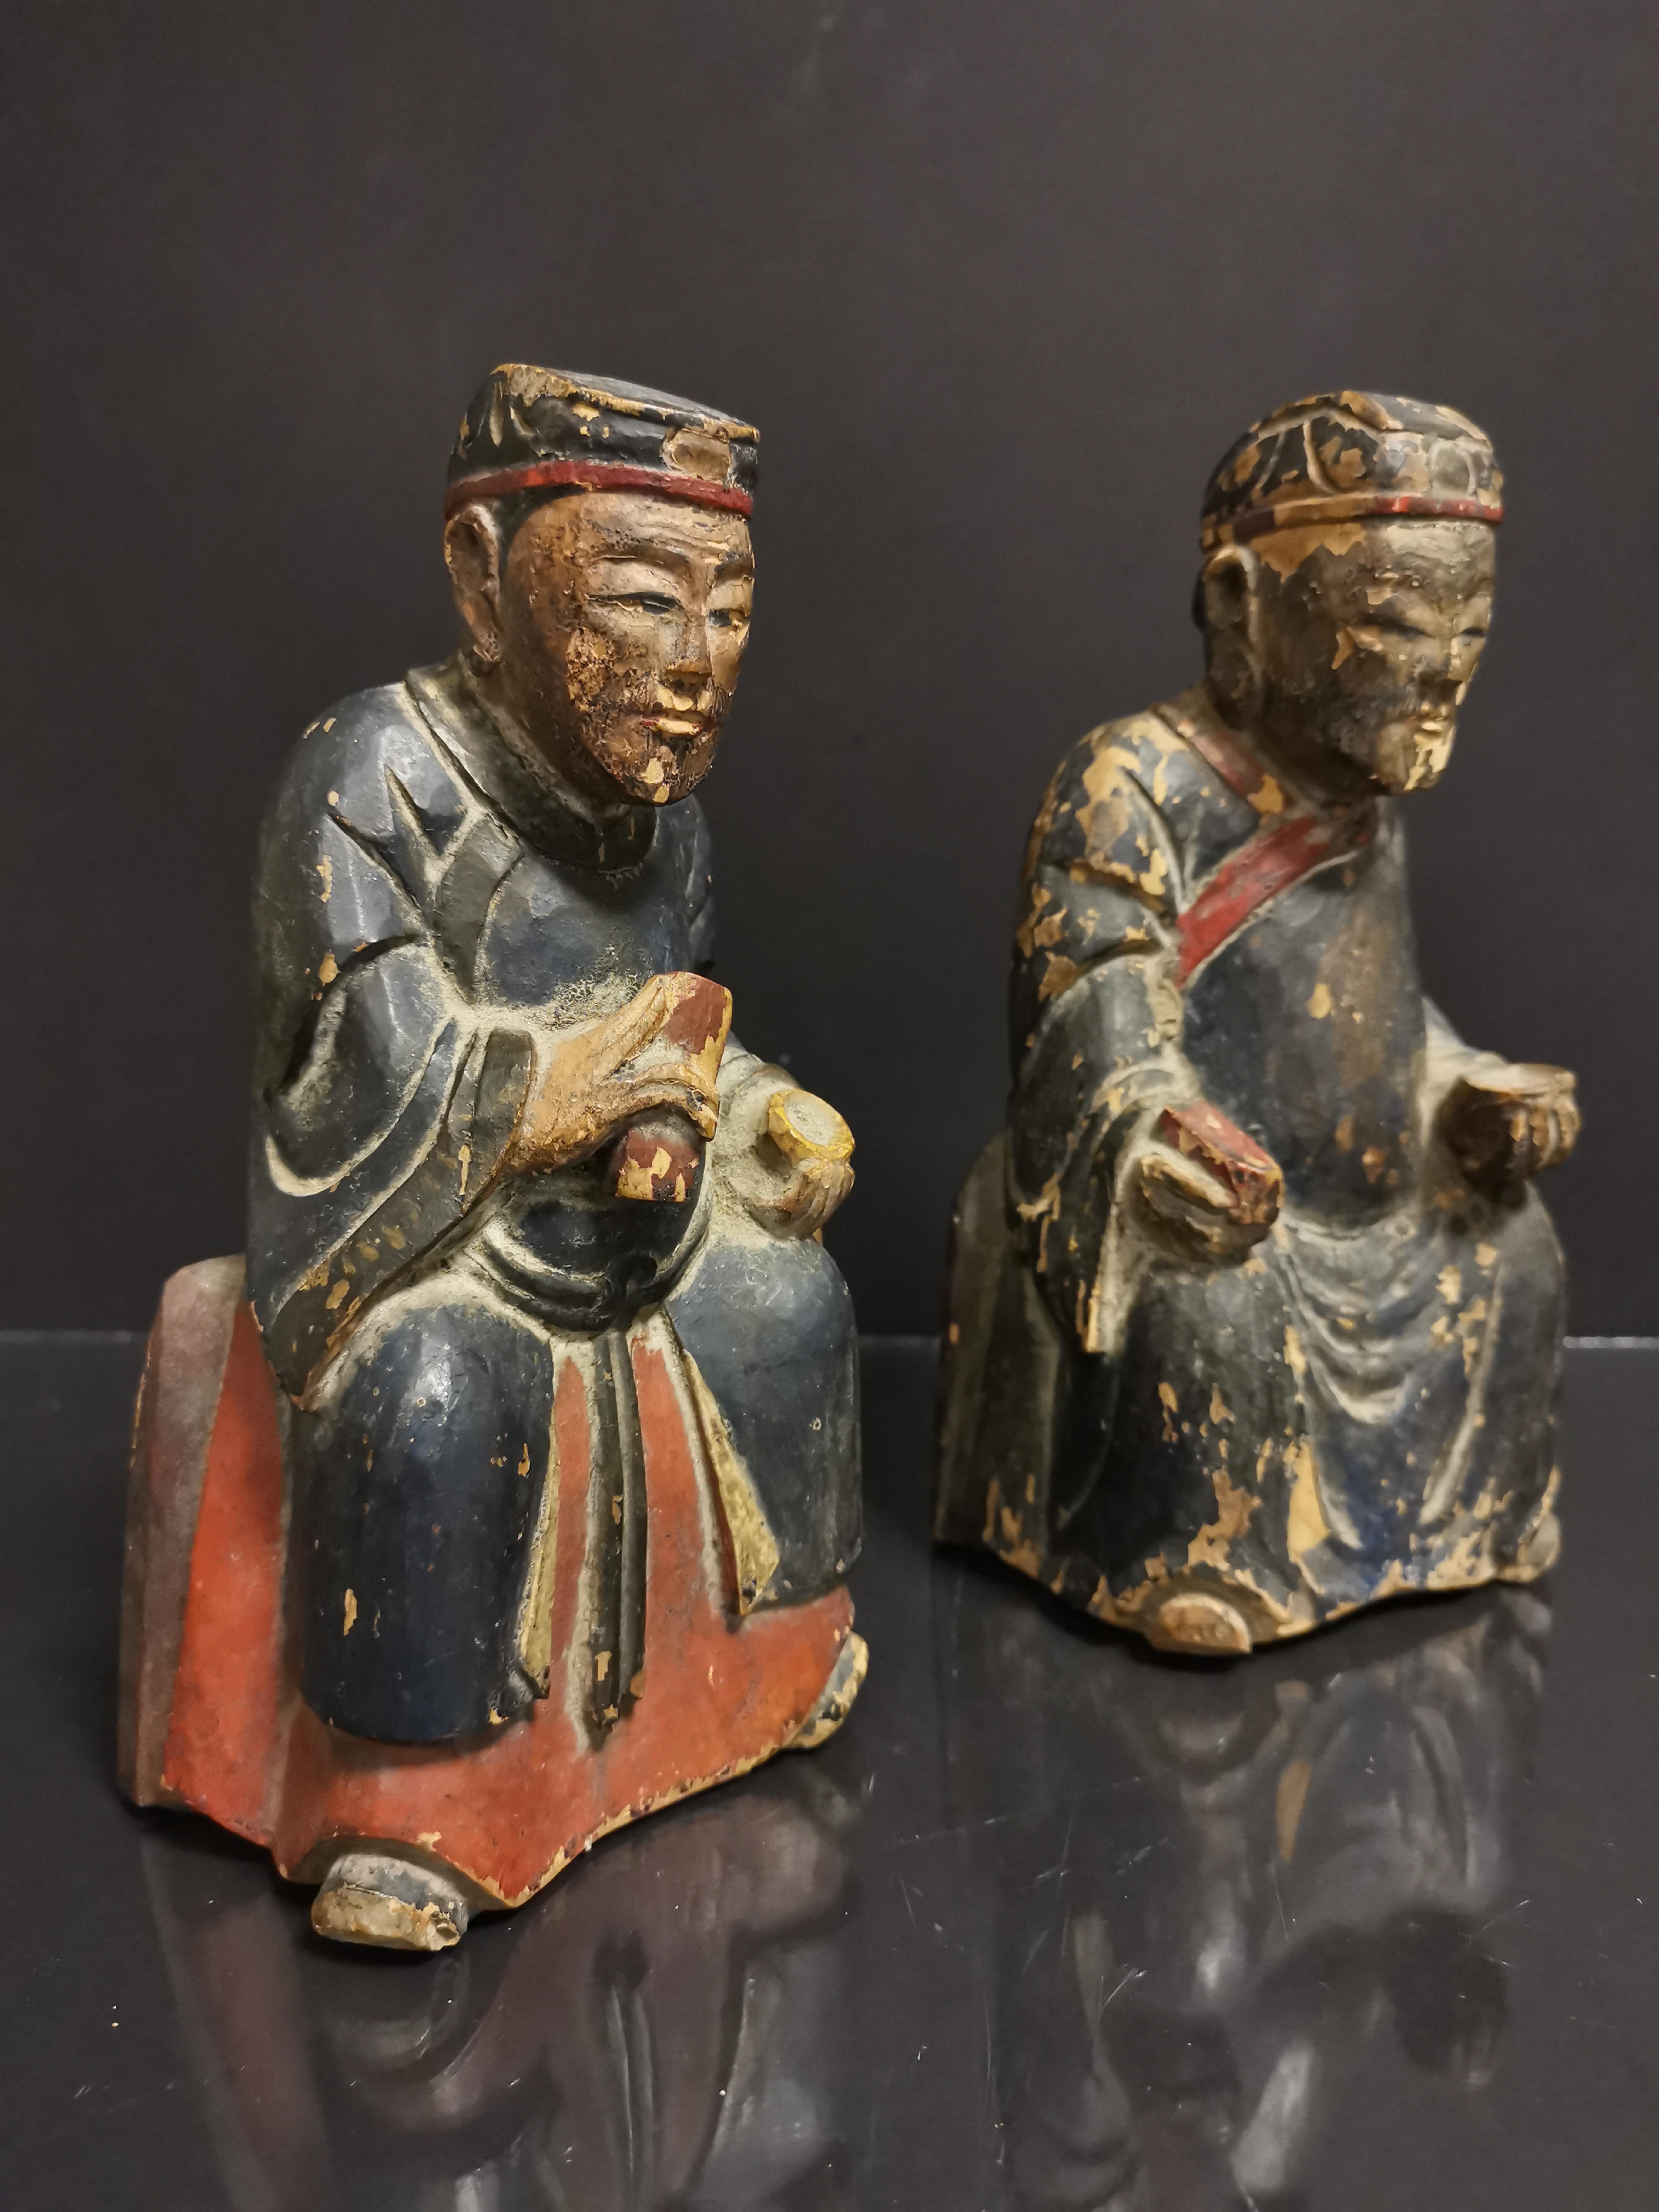 CHINE. Deux lettrés assis tenant un bol et une tablette, bois sculpté. H : 19 cm. - - Image 2 of 3